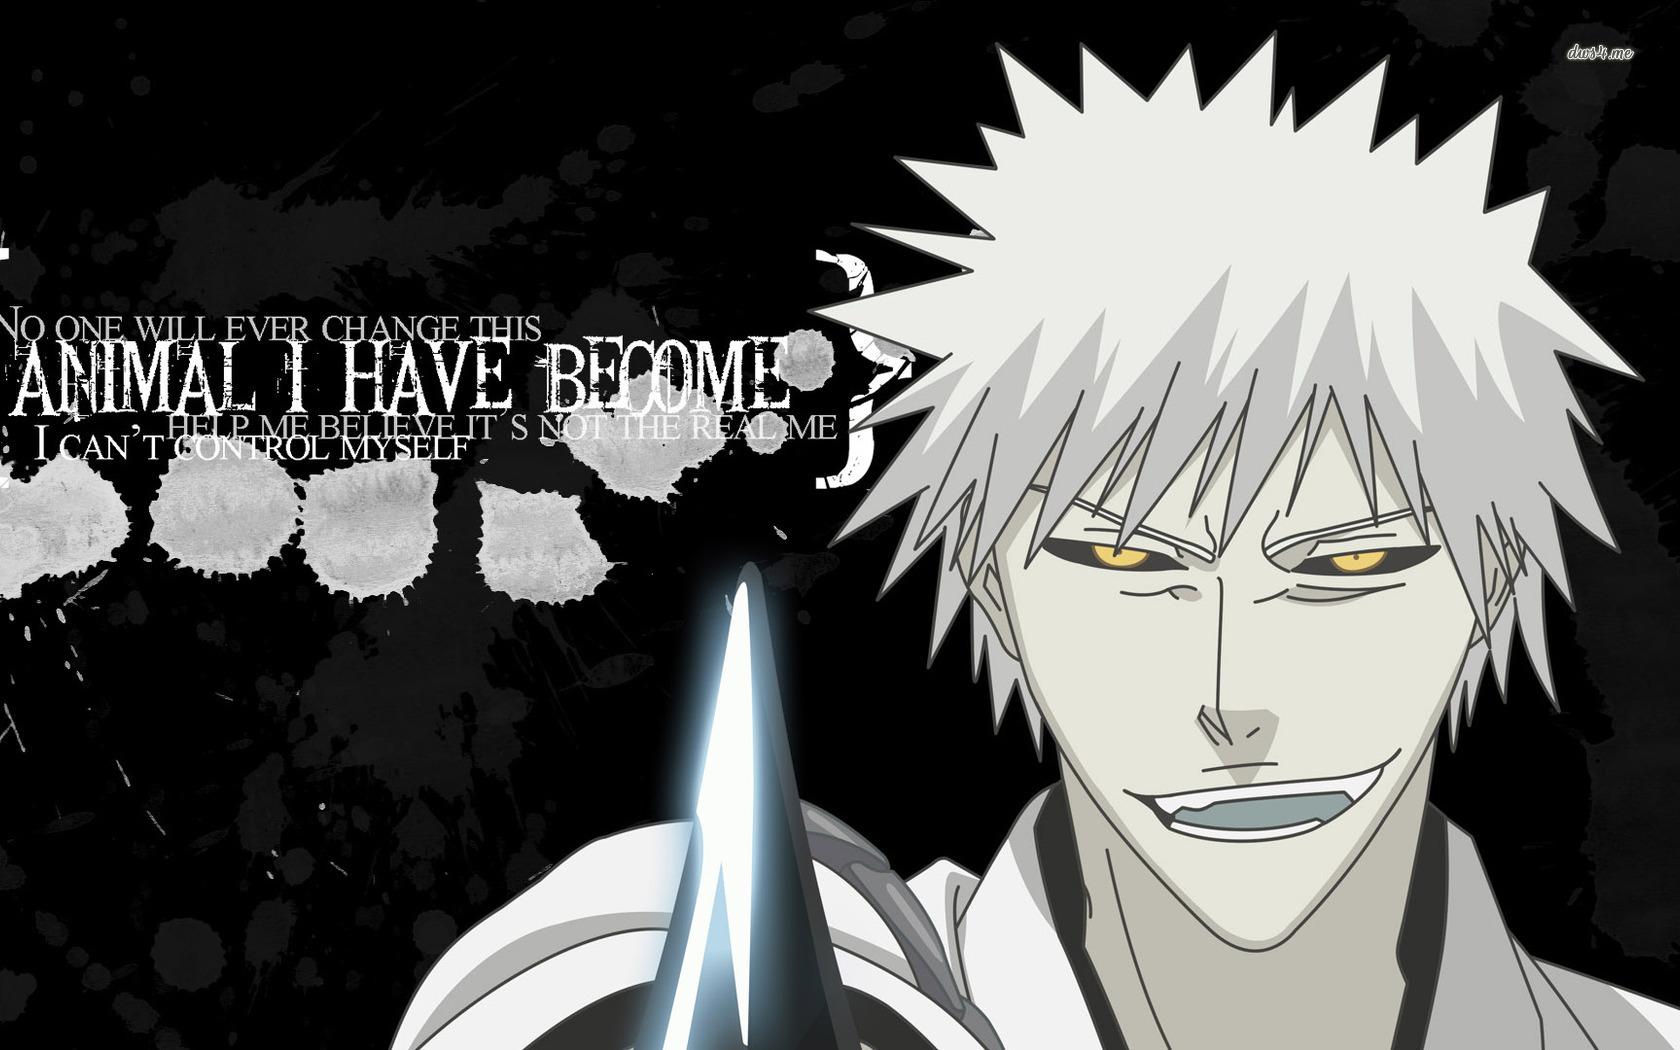 Hichigo bleach quotes quotesgram - Anime quotes wallpaper ...